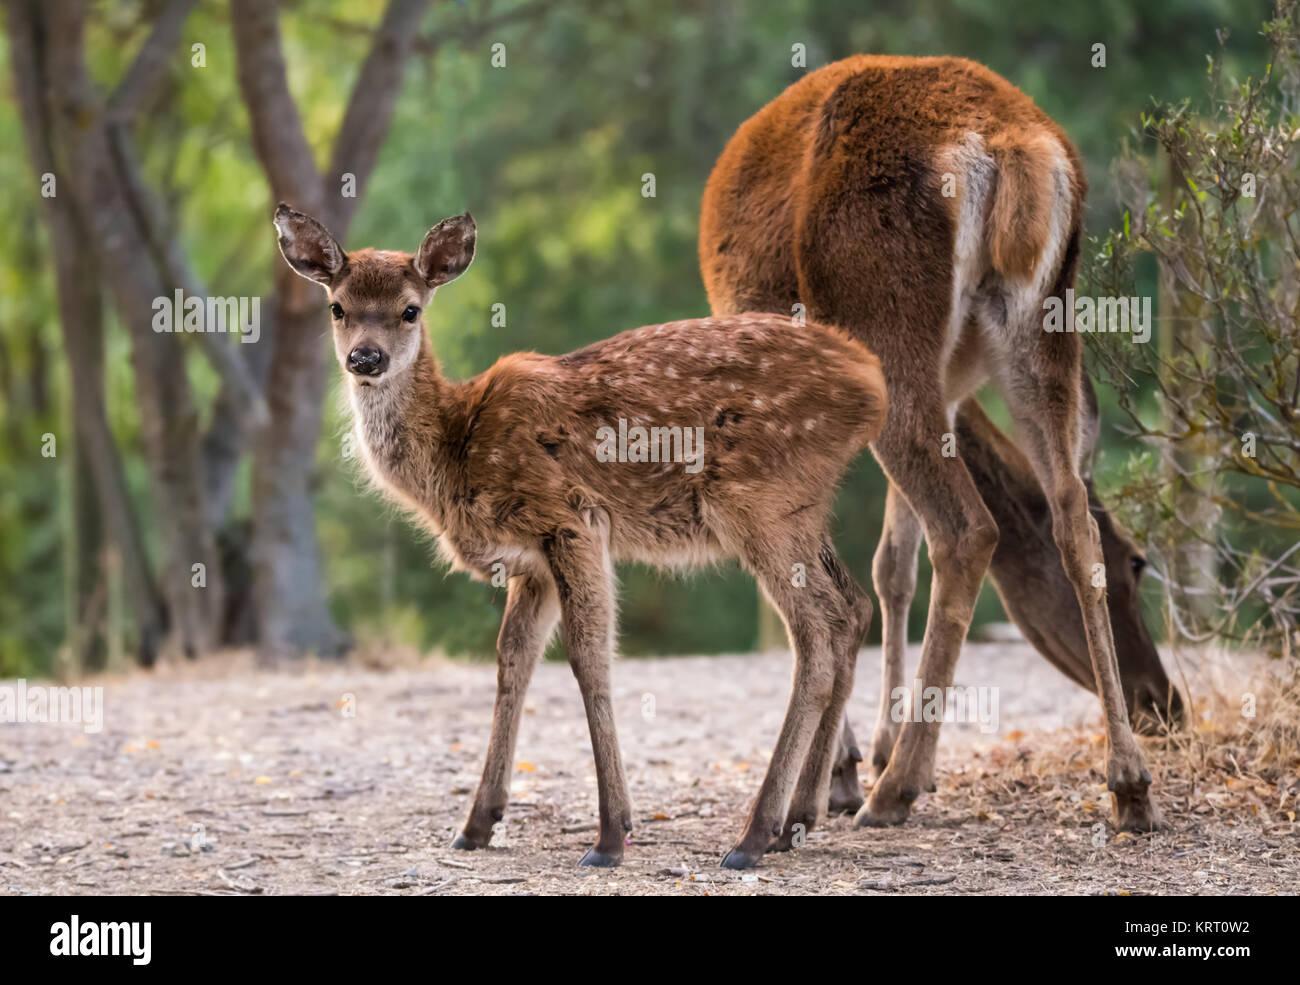 Pequeña doe fotografiados en el Parque Nacional de Monfragüe. España. Imagen De Stock